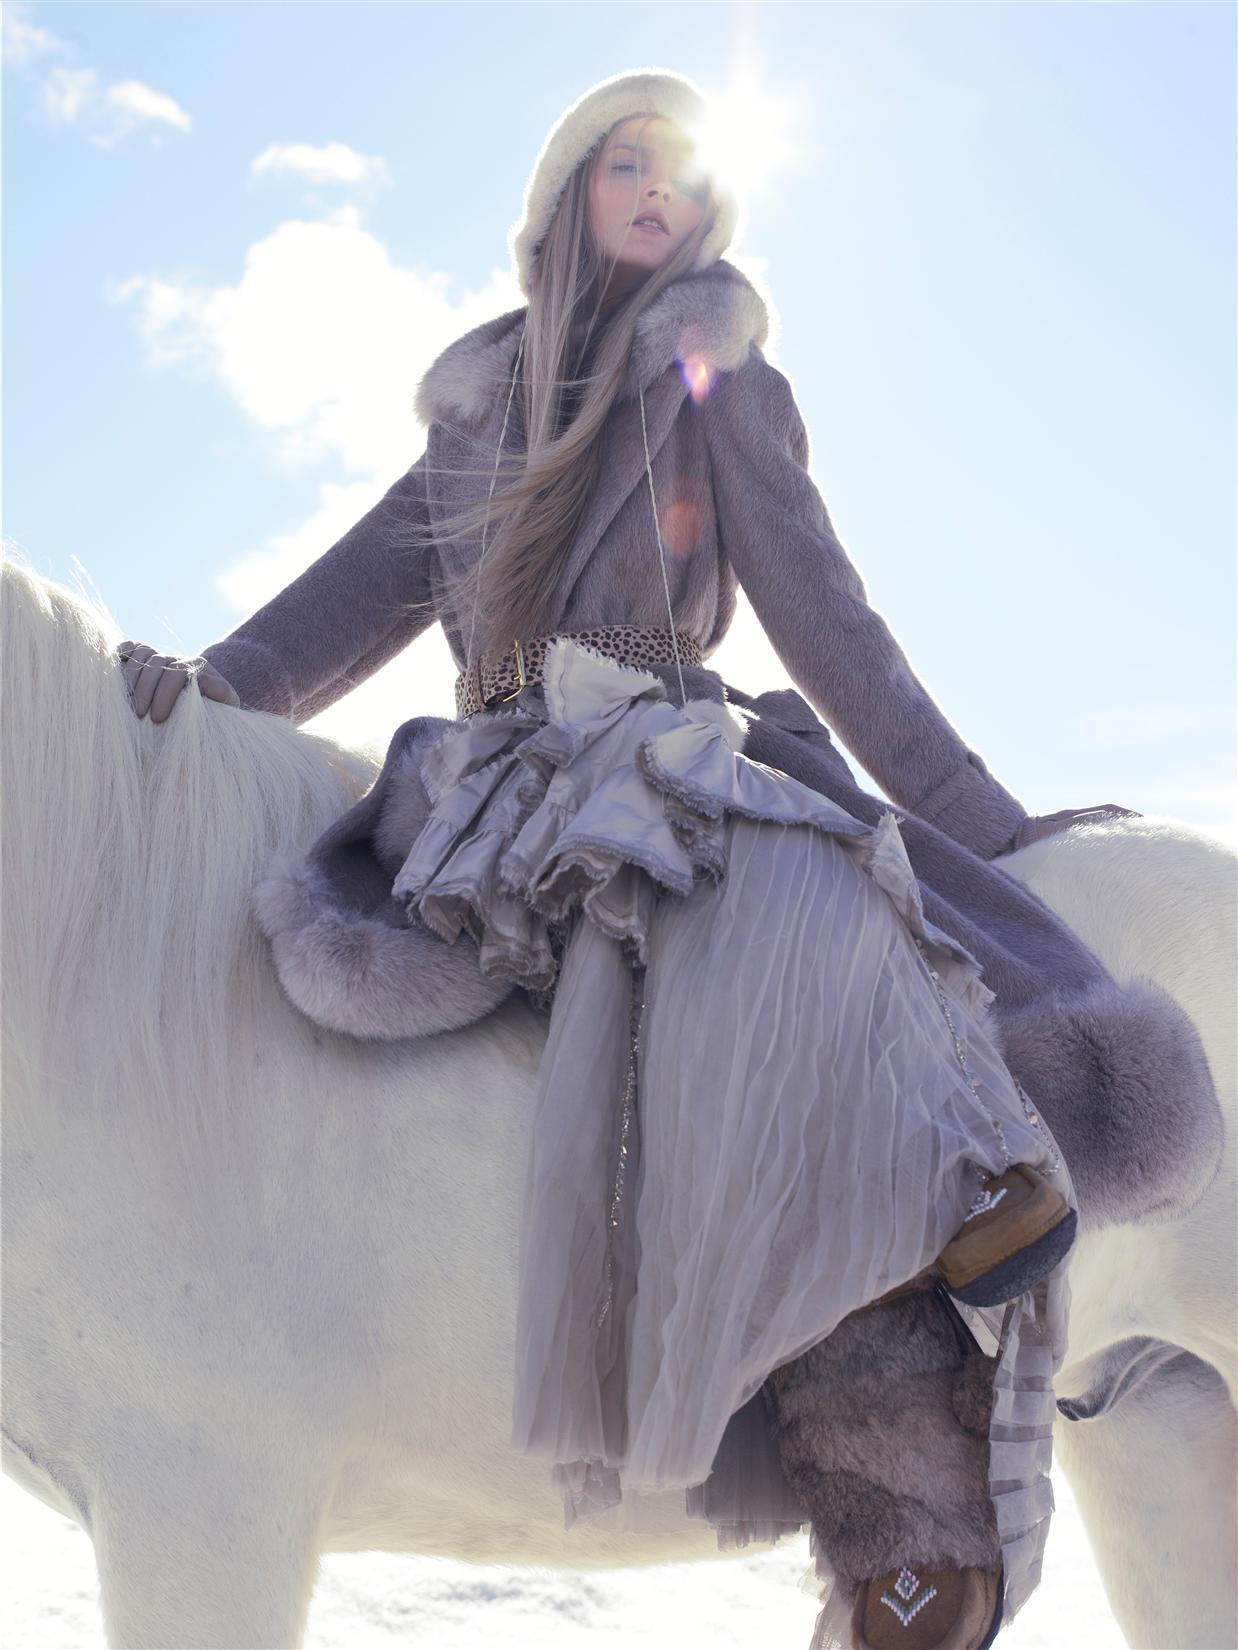 пальто, шапка Max Mara; платье, Alberta Feretti; пояс, Oscar de la Renta; перчатки, LaCrasia Gloves; сапоги, Manitobah Mukluks